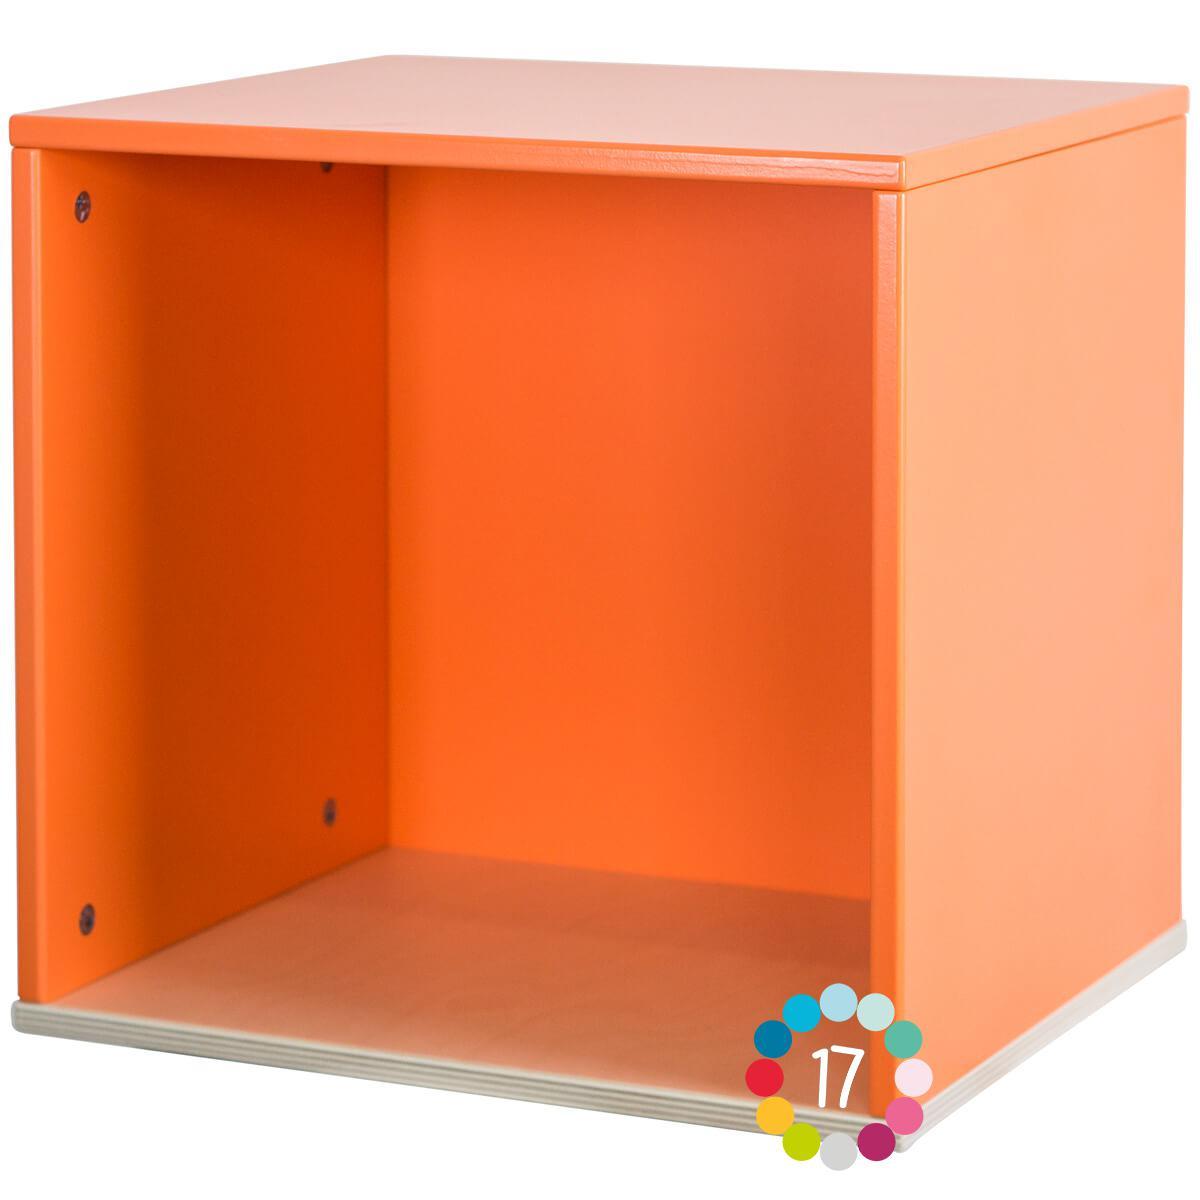 Cube mural COLORFLEX pure orange